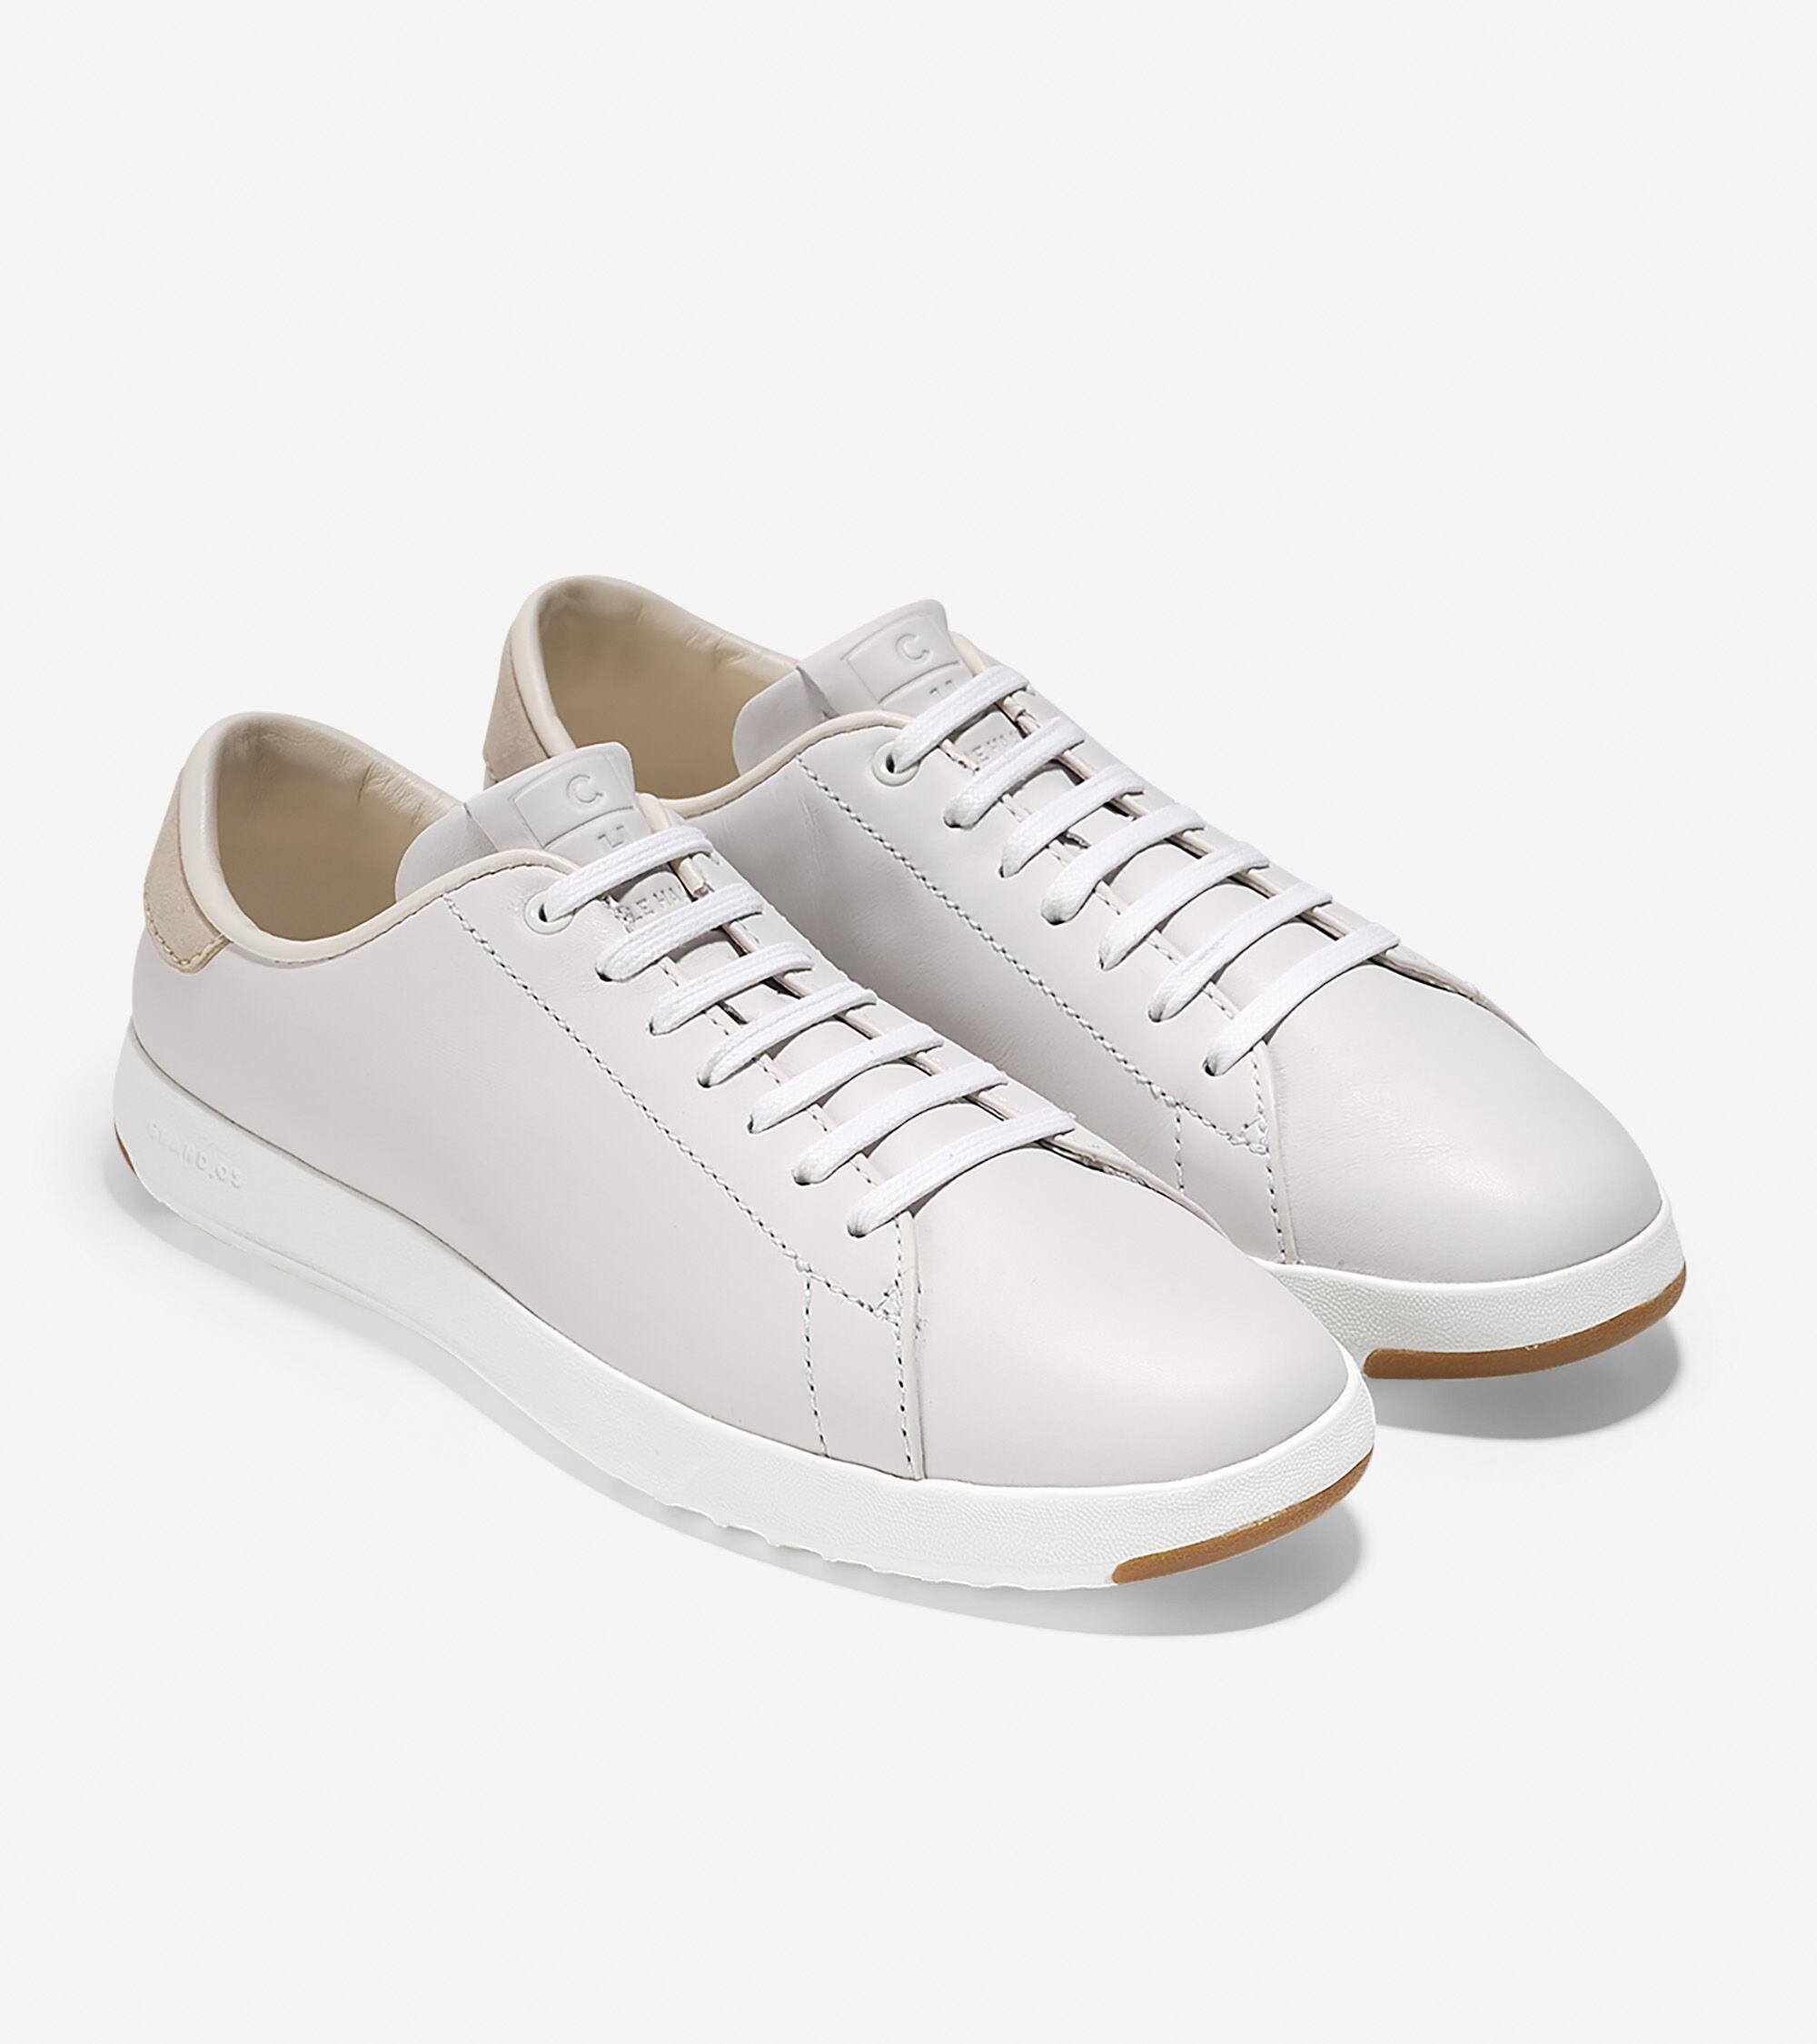 ... Women's GrandPrø Tennis Sneaker · Women's GrandPrø Tennis Sneaker;  Women's GrandPrø Tennis Sneaker. #colehaan